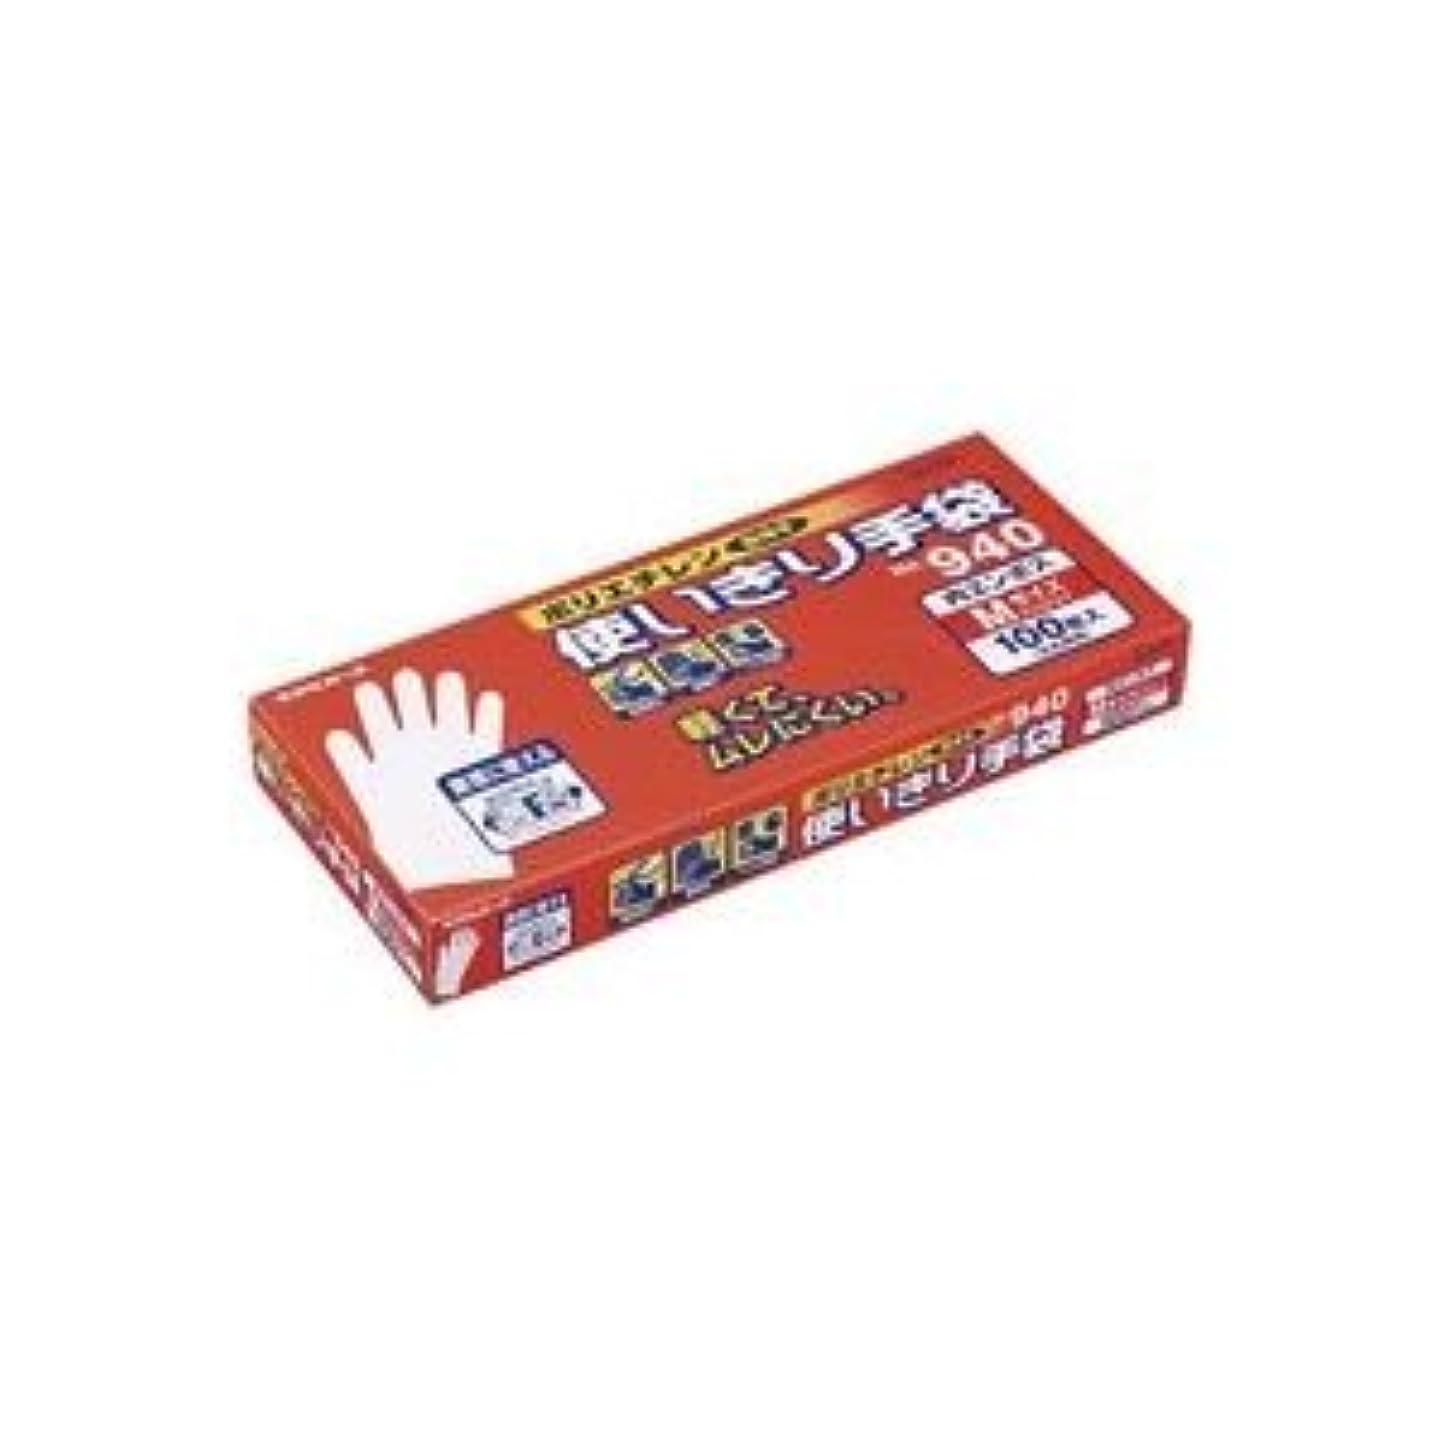 構想する背景責め( お徳用 100セット ) エステー ポリエンボス使い切り手袋 No.940 M 100枚